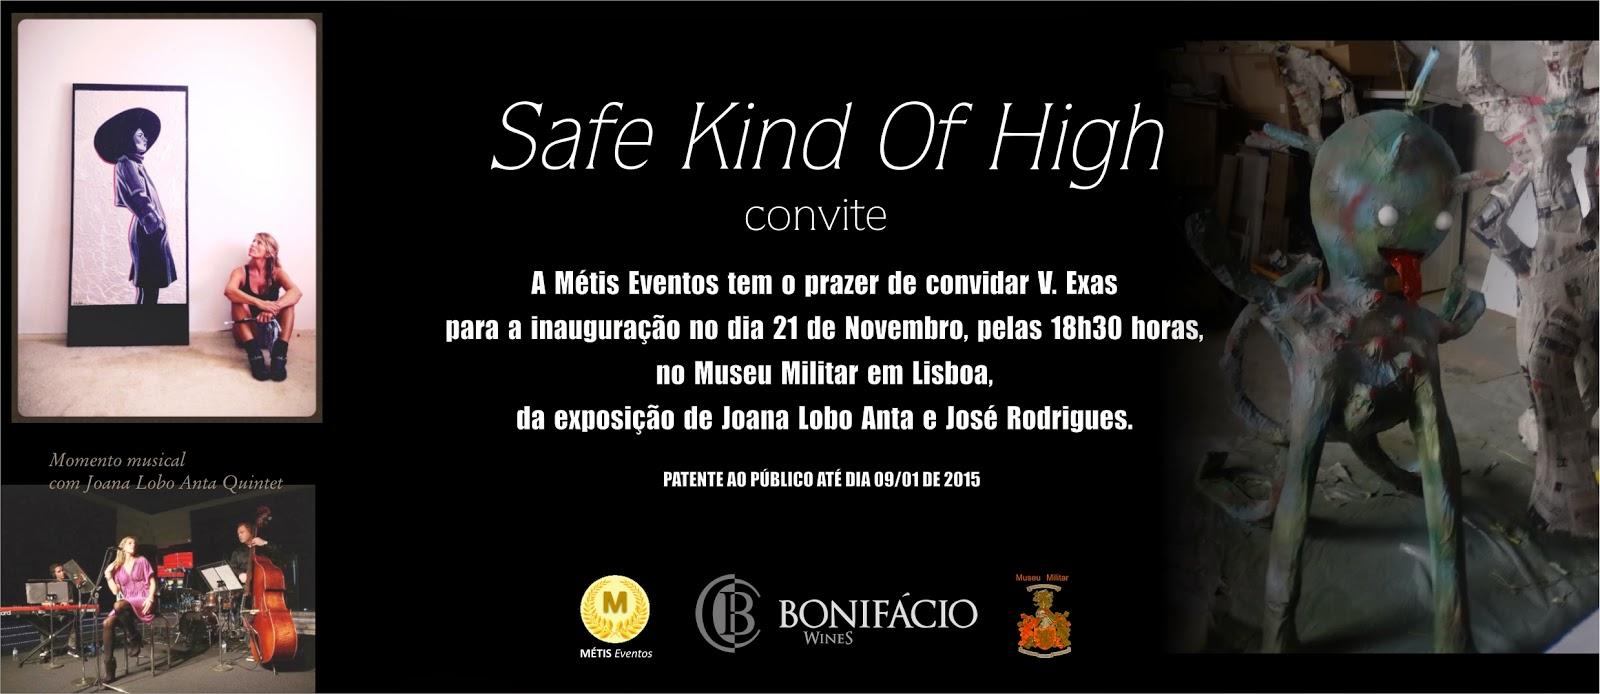 Safe Kind of High